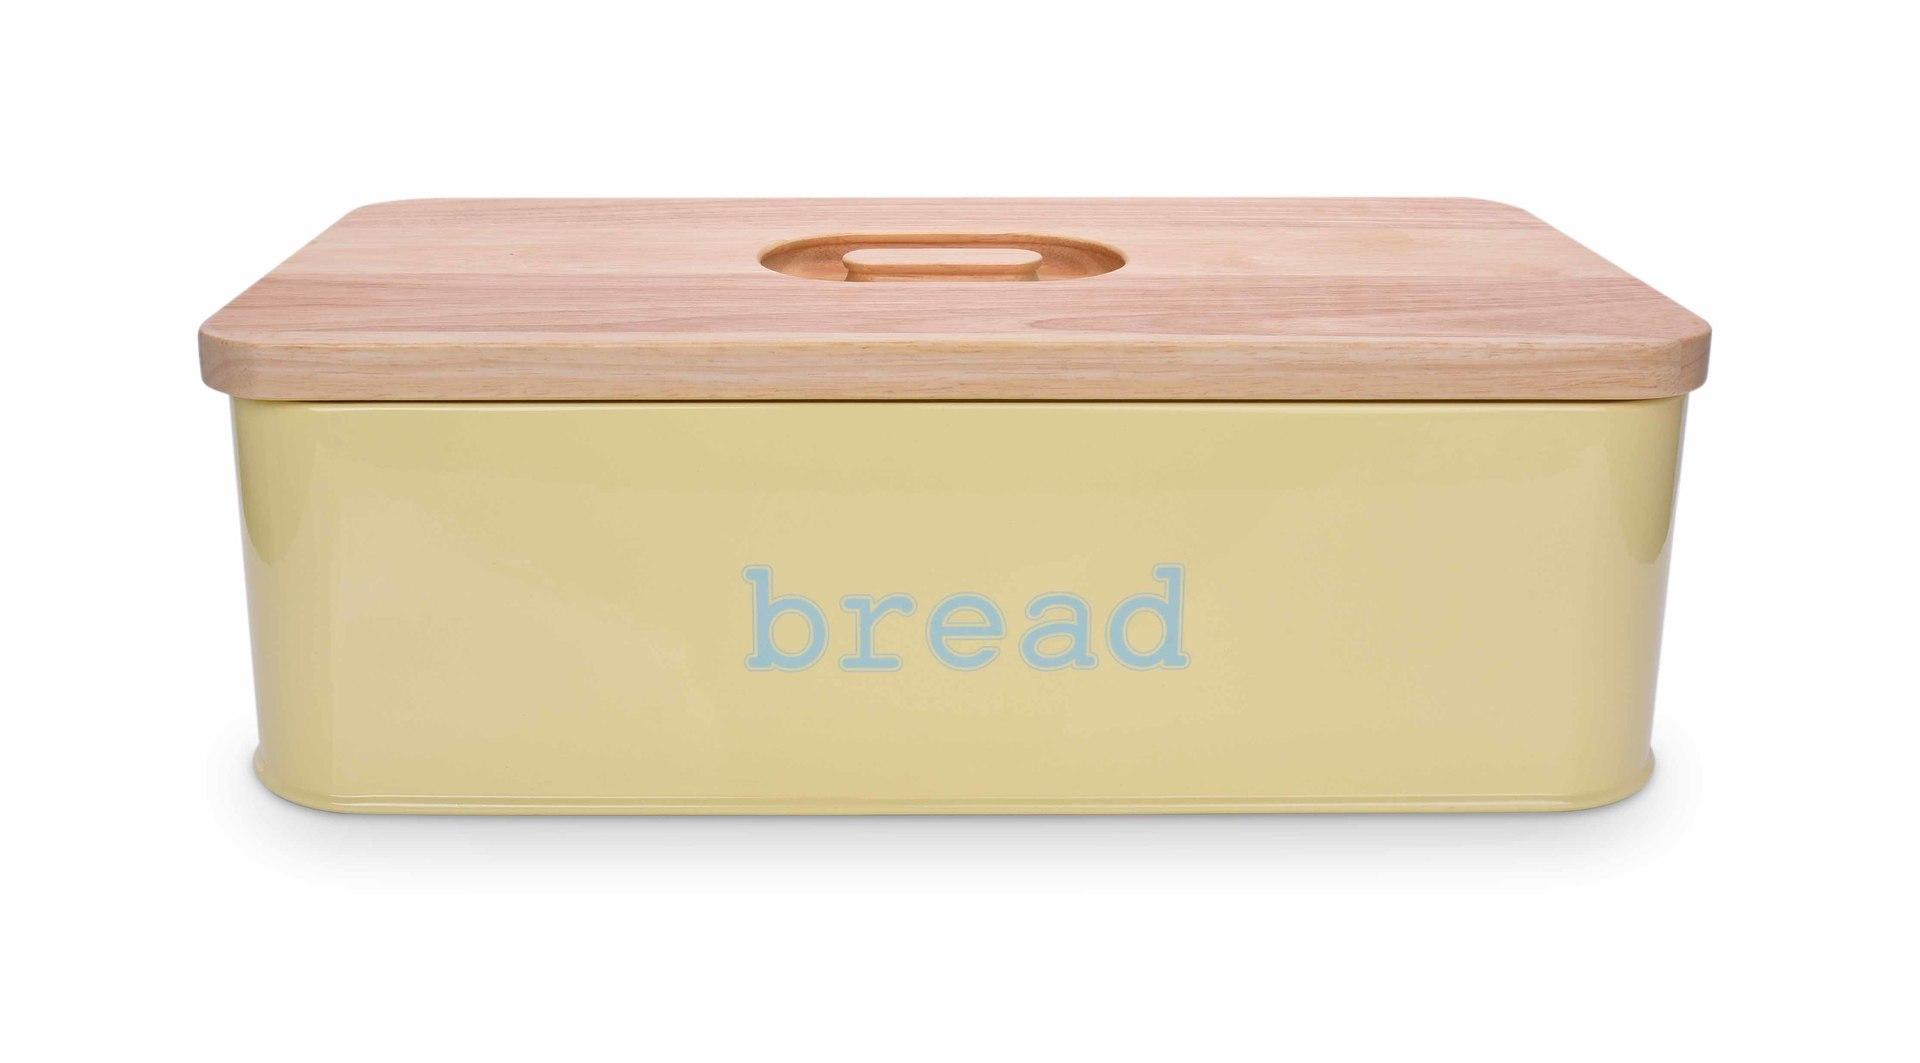 Chlebník BREAD vanilkový, kovový s krájecím víkem z masivního dřeva